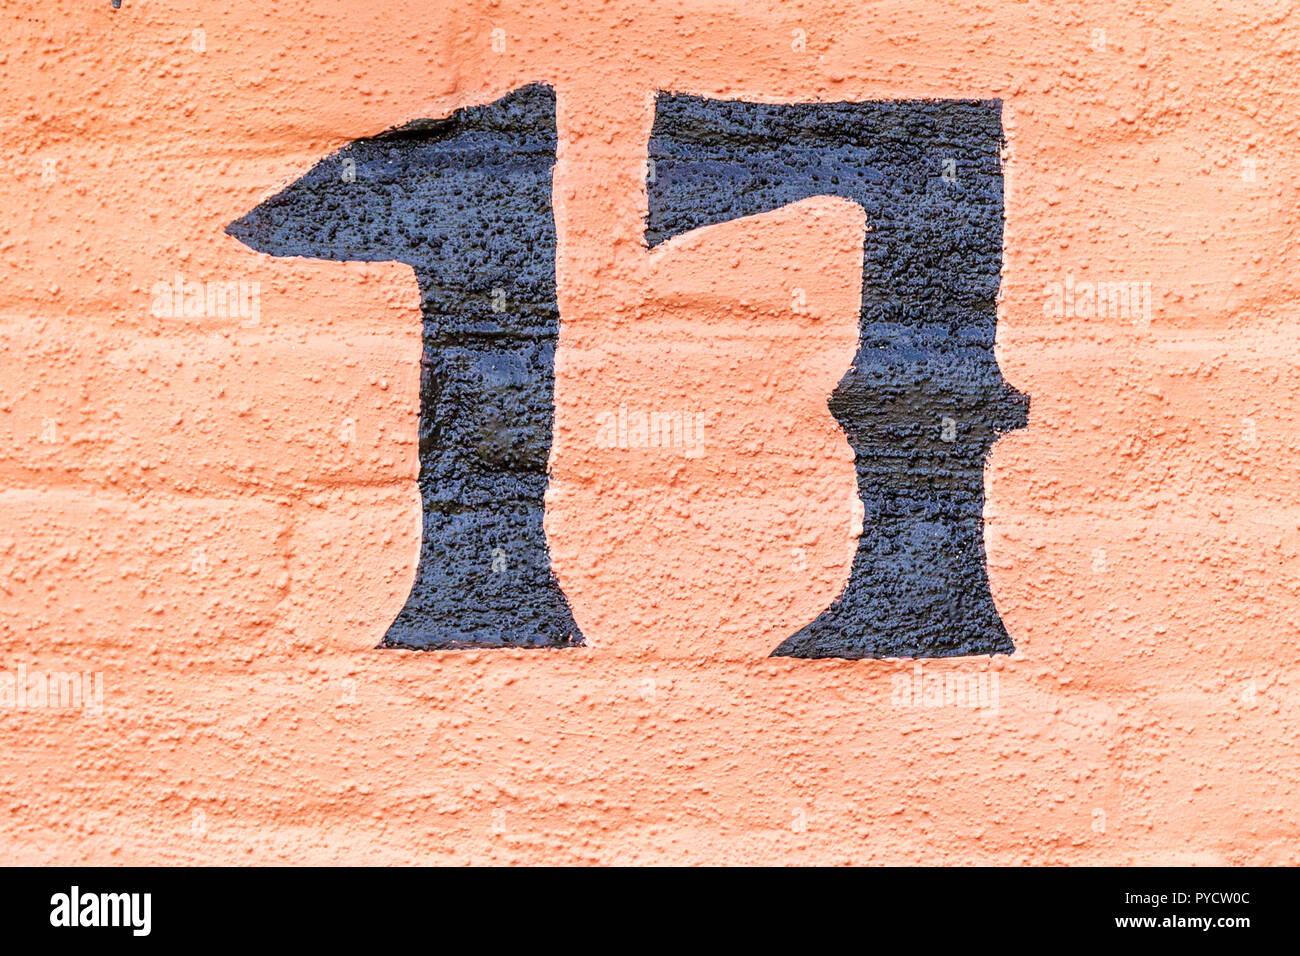 Numero Civico Diciassette 17 Dipinta In Vernice Nera Su Uno Sfondo